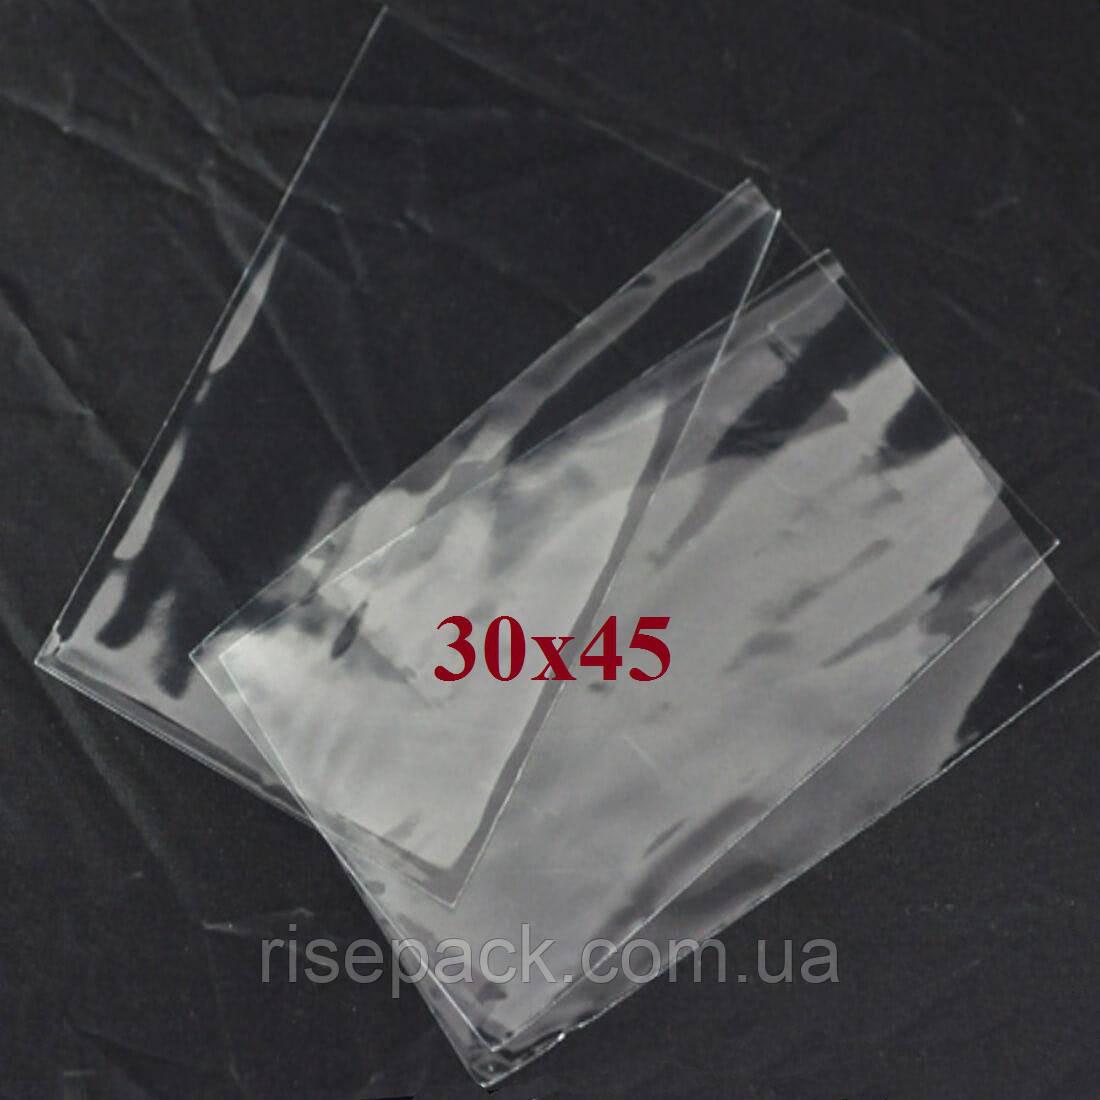 Пакеты полипропиленовые 30х45 для упаковки и фасовки